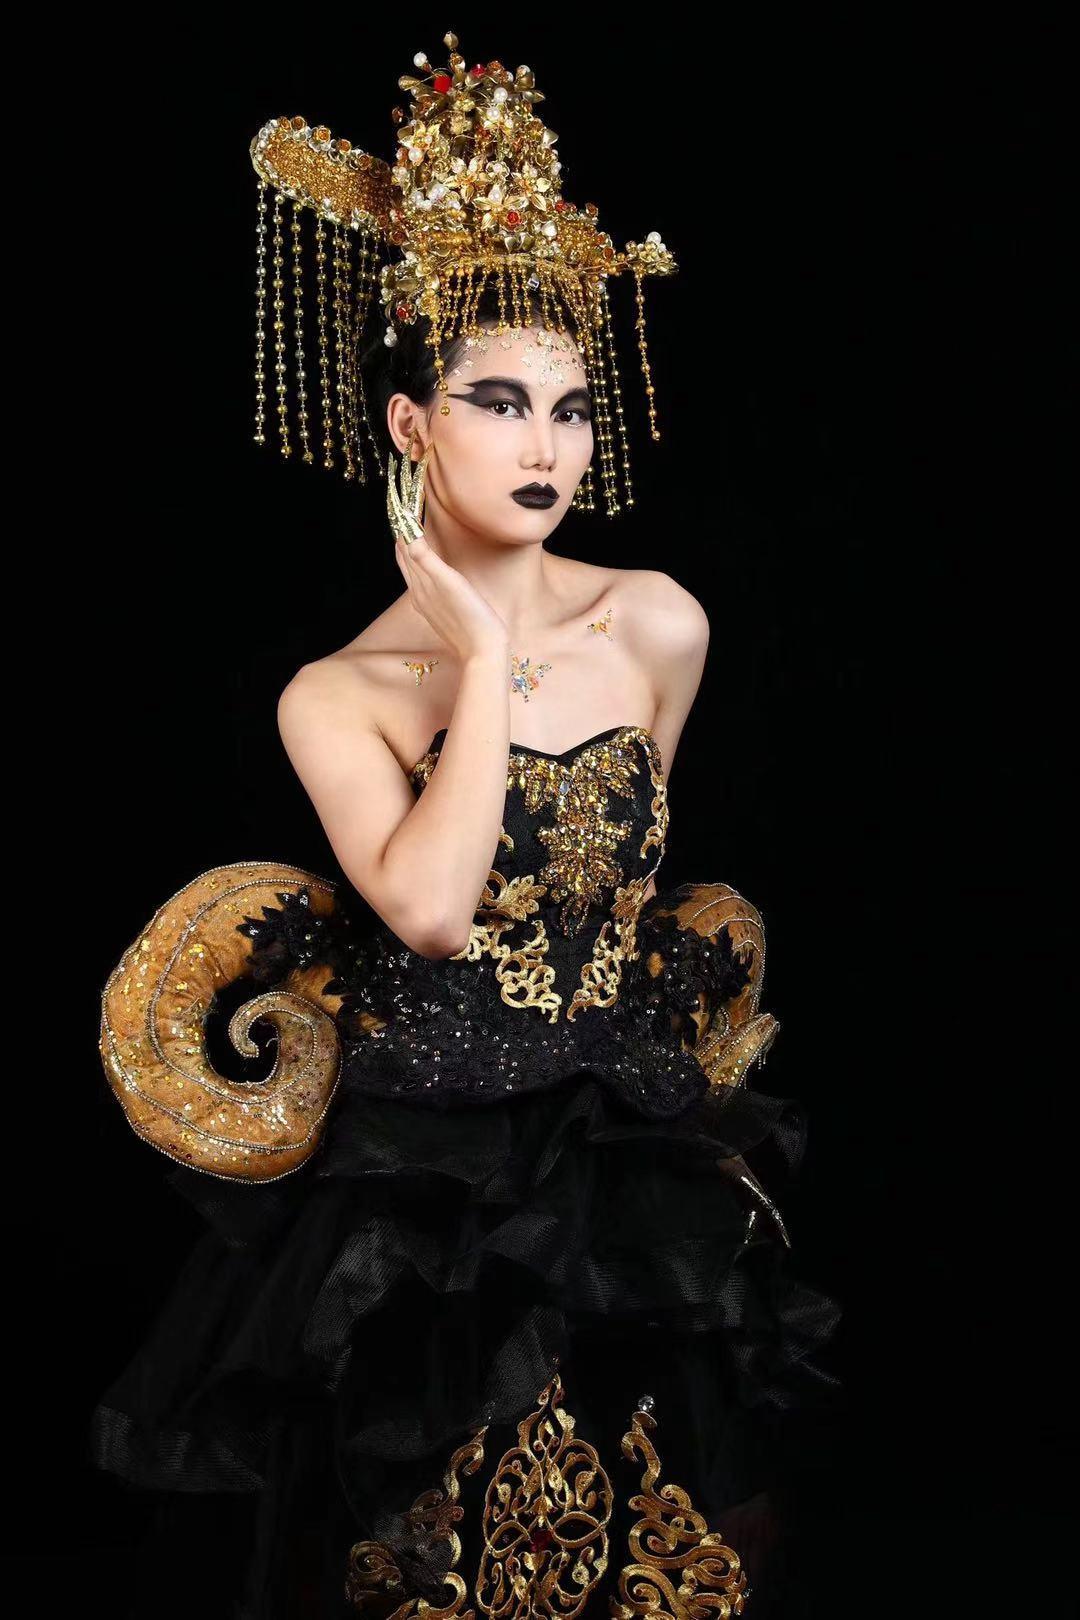 爱化妆才学化妆,没有爱好就没有理想,没有理想何来未来